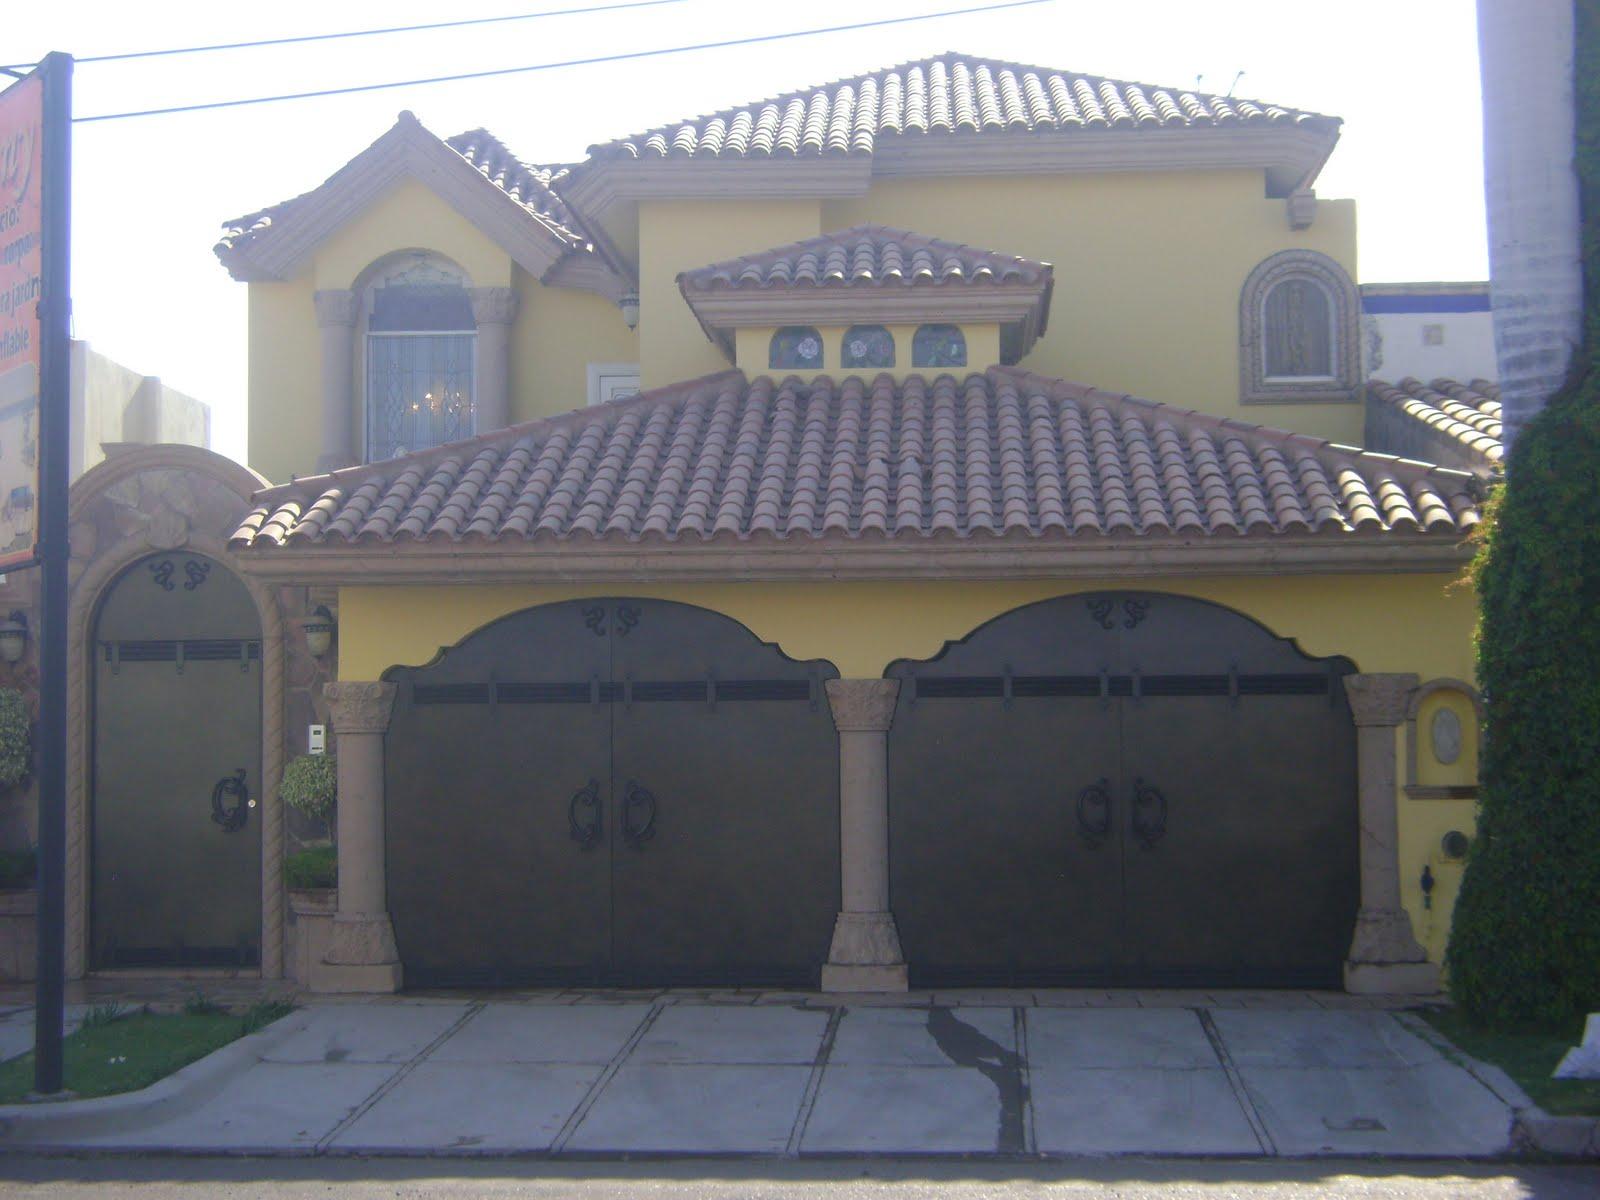 AC Ariel Vende: Villa California 2 Millones 700 Mil Excelente Ubicación